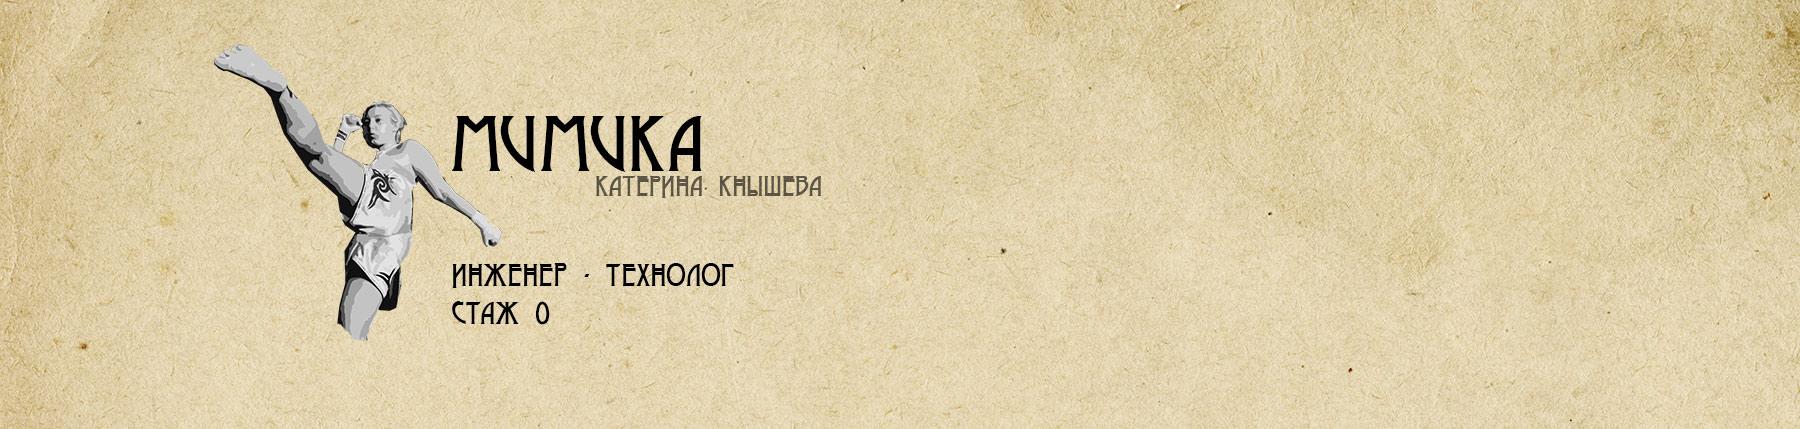 кнышева